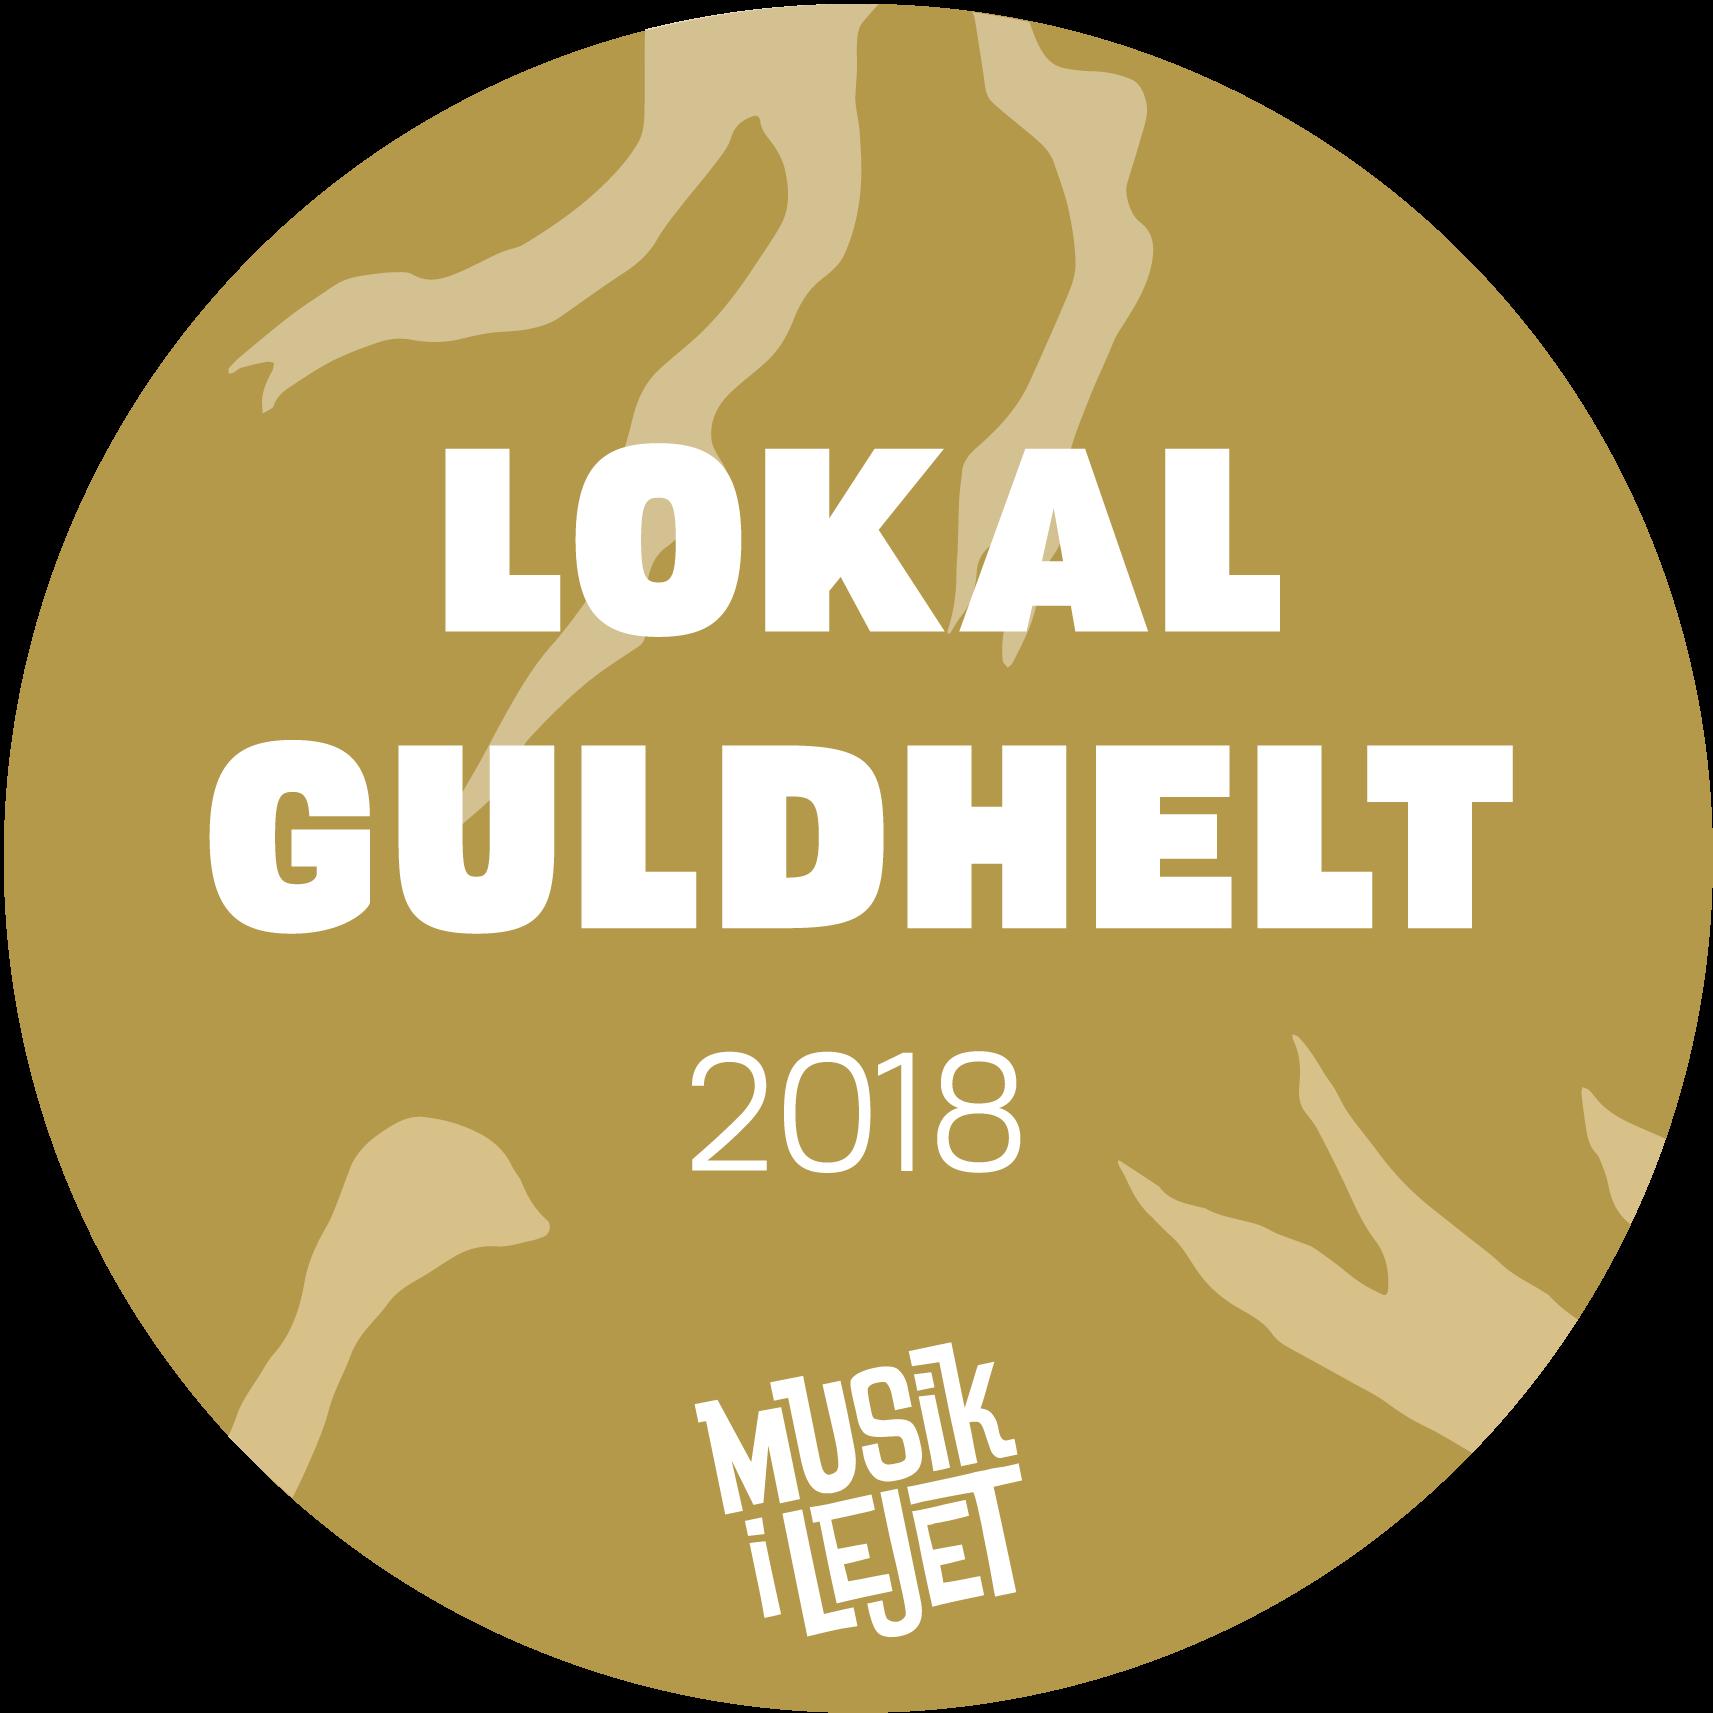 Vinder af lokal guldhelt 2018 - musik i lejet